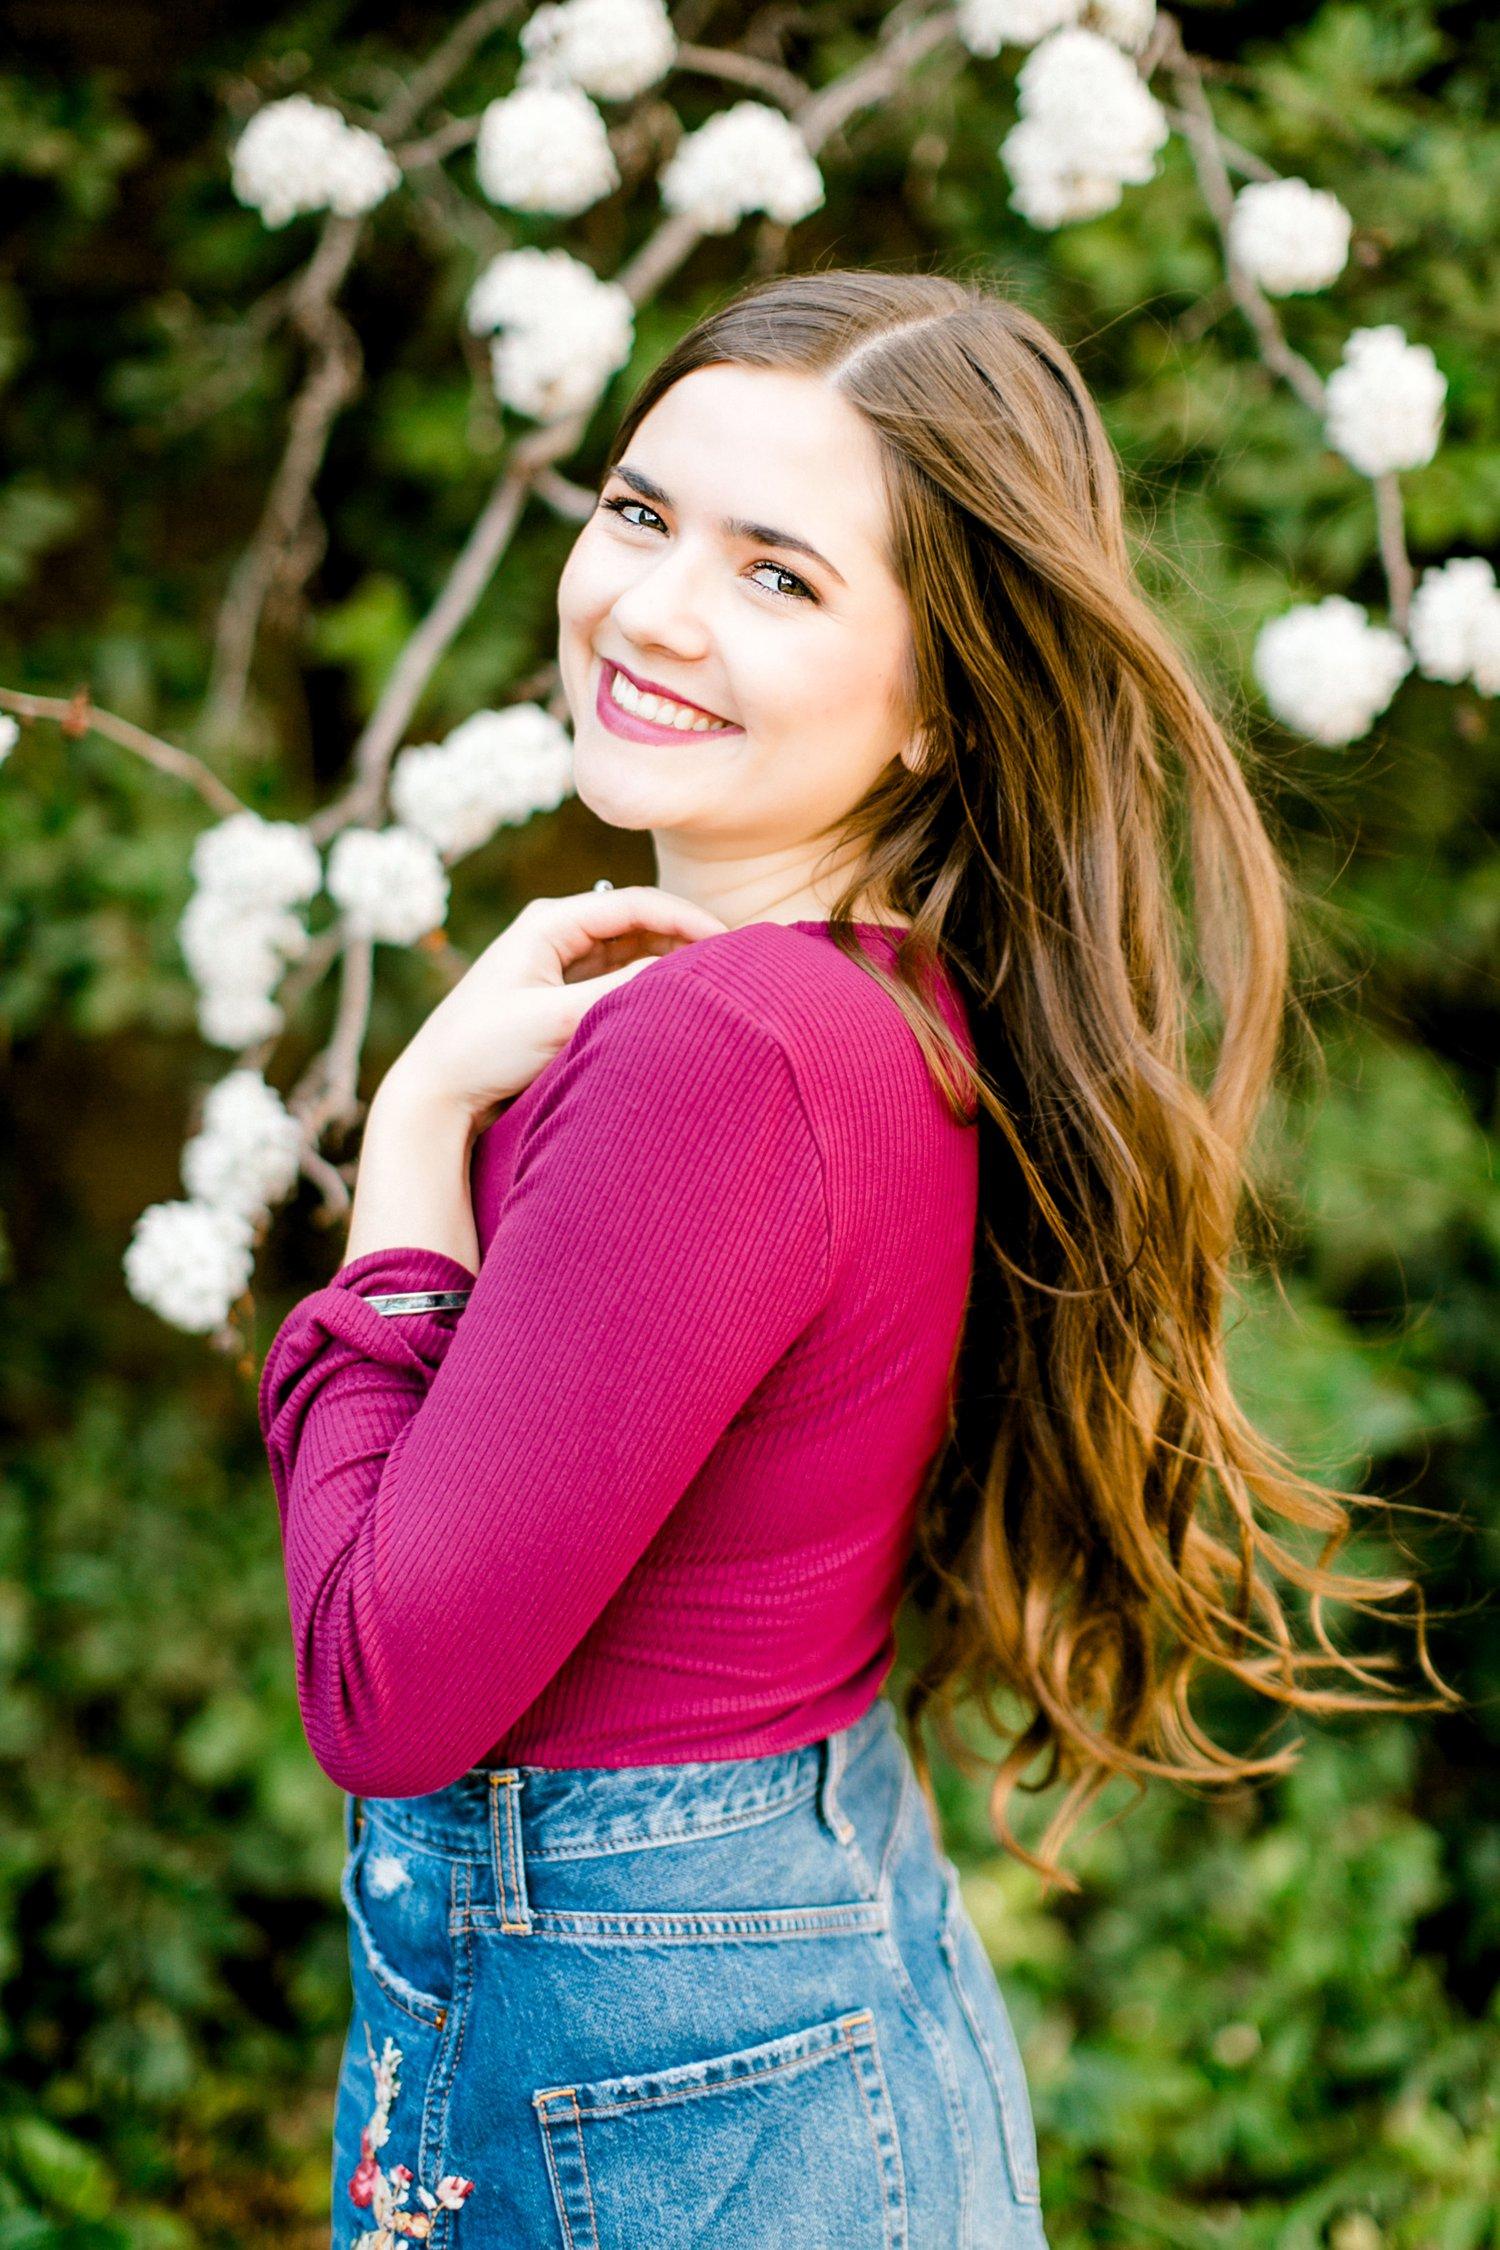 Emma-Stapleton-High-School-Senior-Photographer-Lubbock_0035.jpg